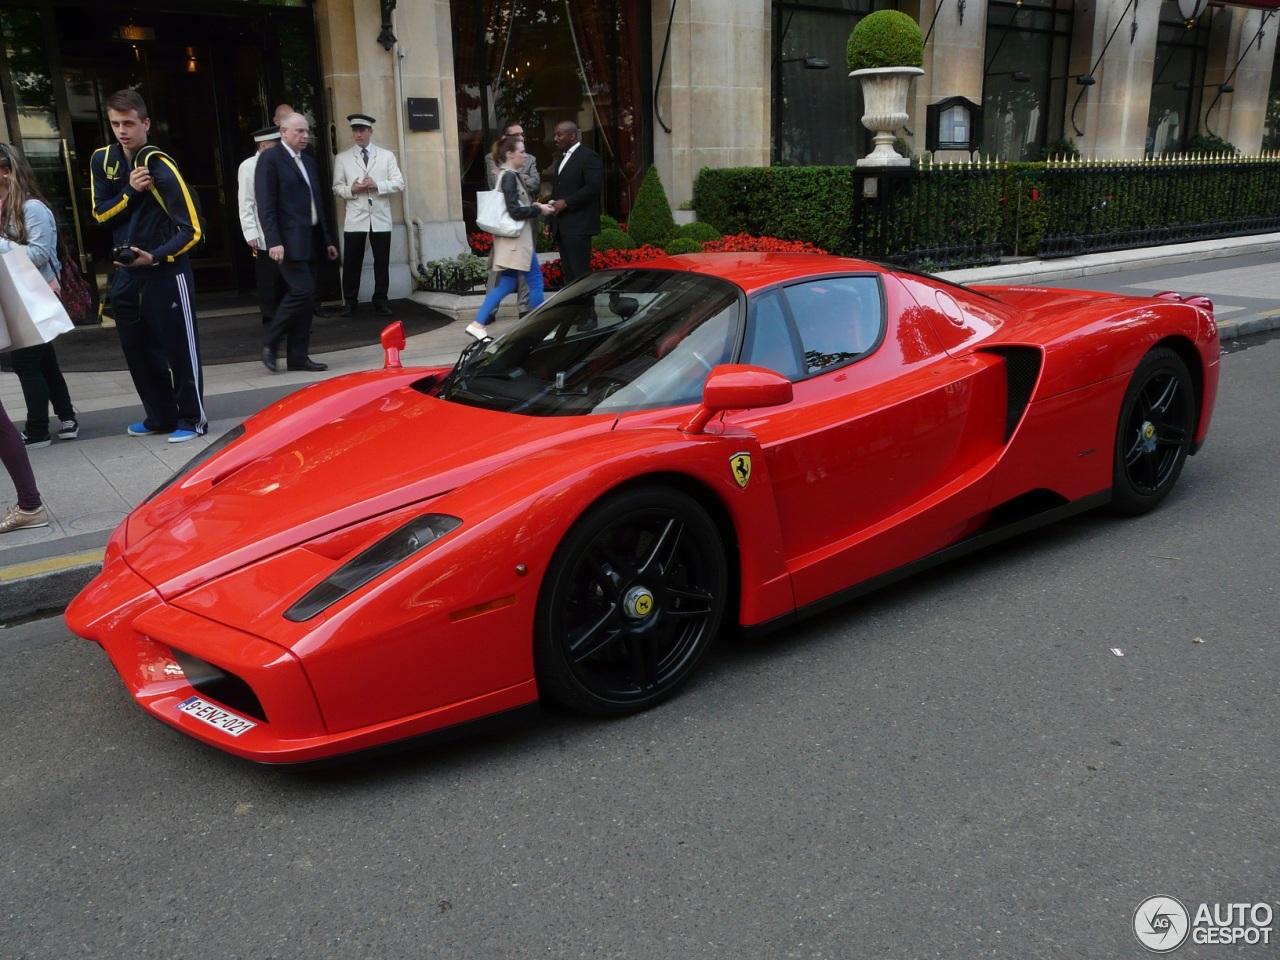 Ferrari Enzo Ferrari 25 June 2013 Autogespot